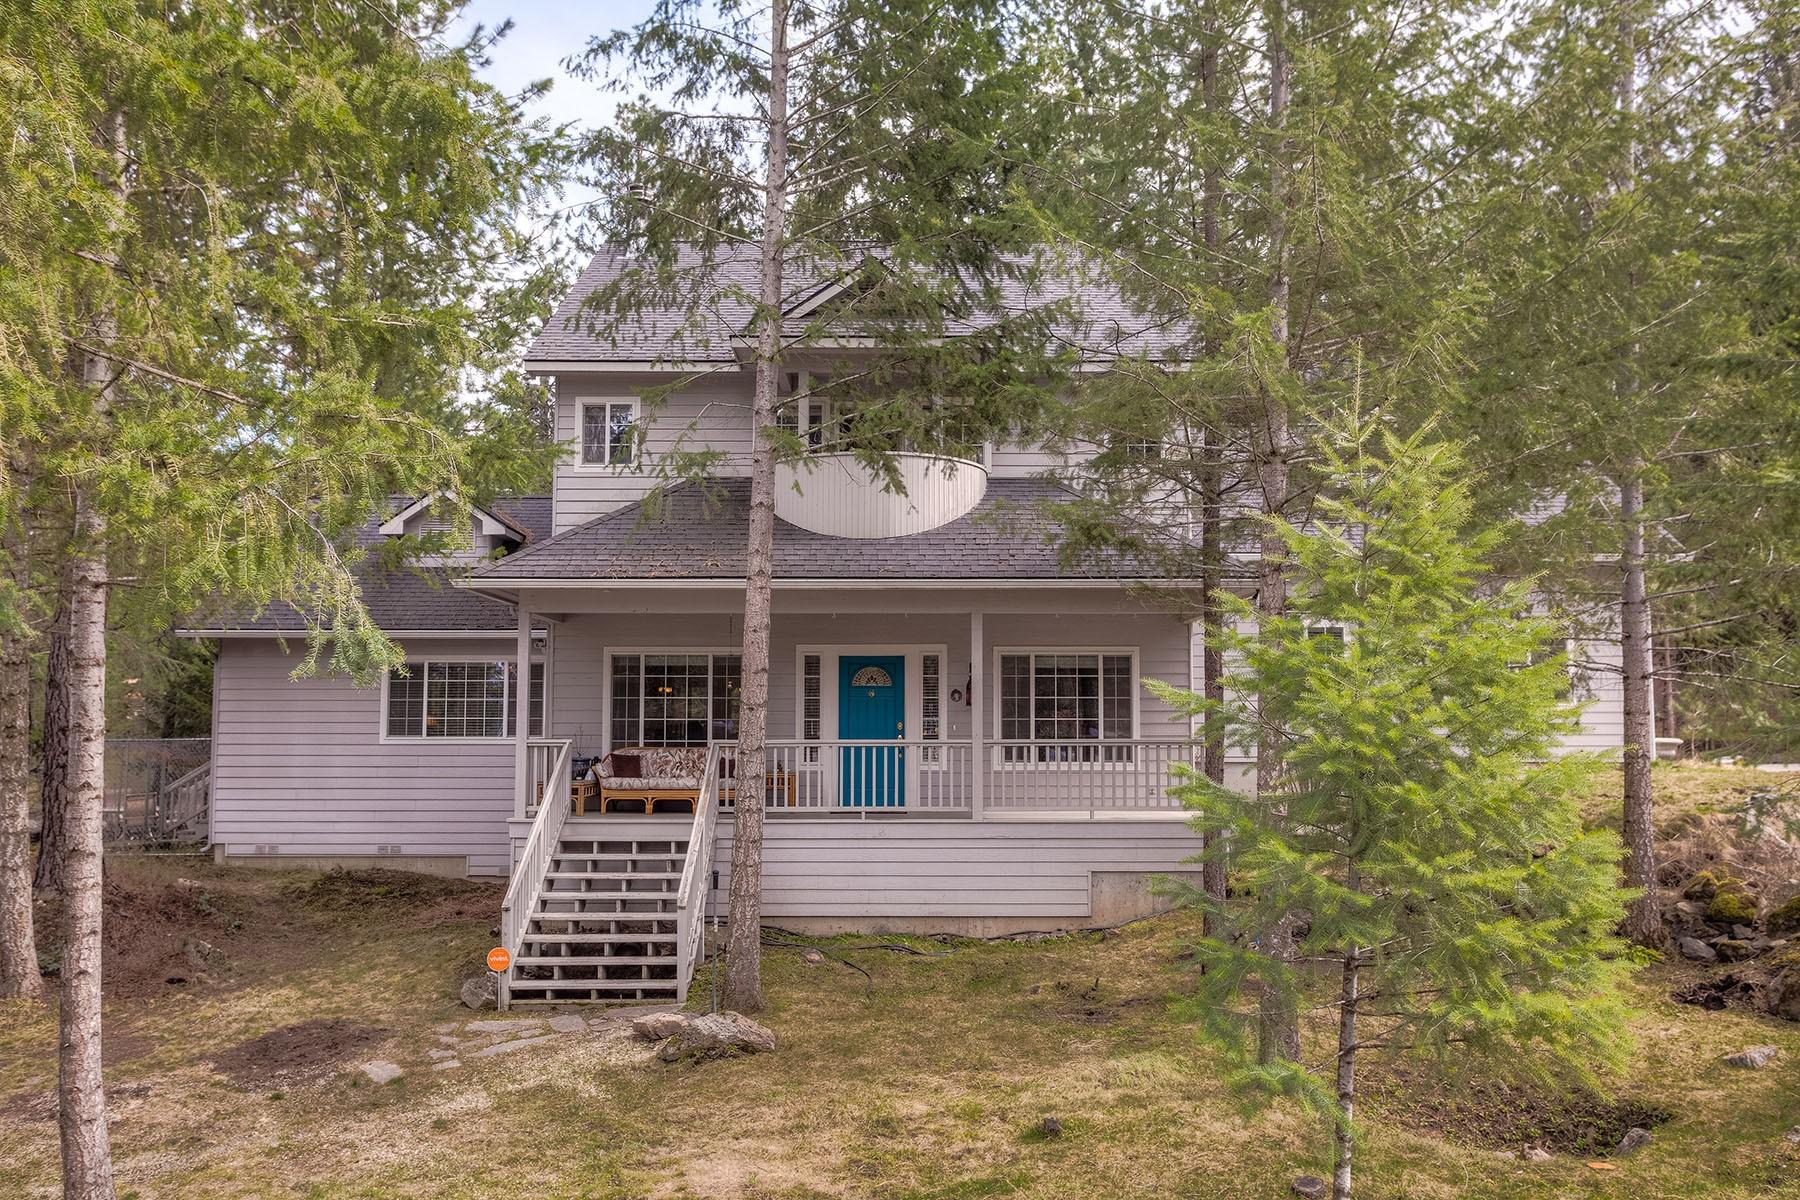 Tek Ailelik Ev için Satış at 2-Story Secondary Waterfront 246 S Lower Crystal Bay Rd Post Falls, Idaho, 83854 Amerika Birleşik Devletleri